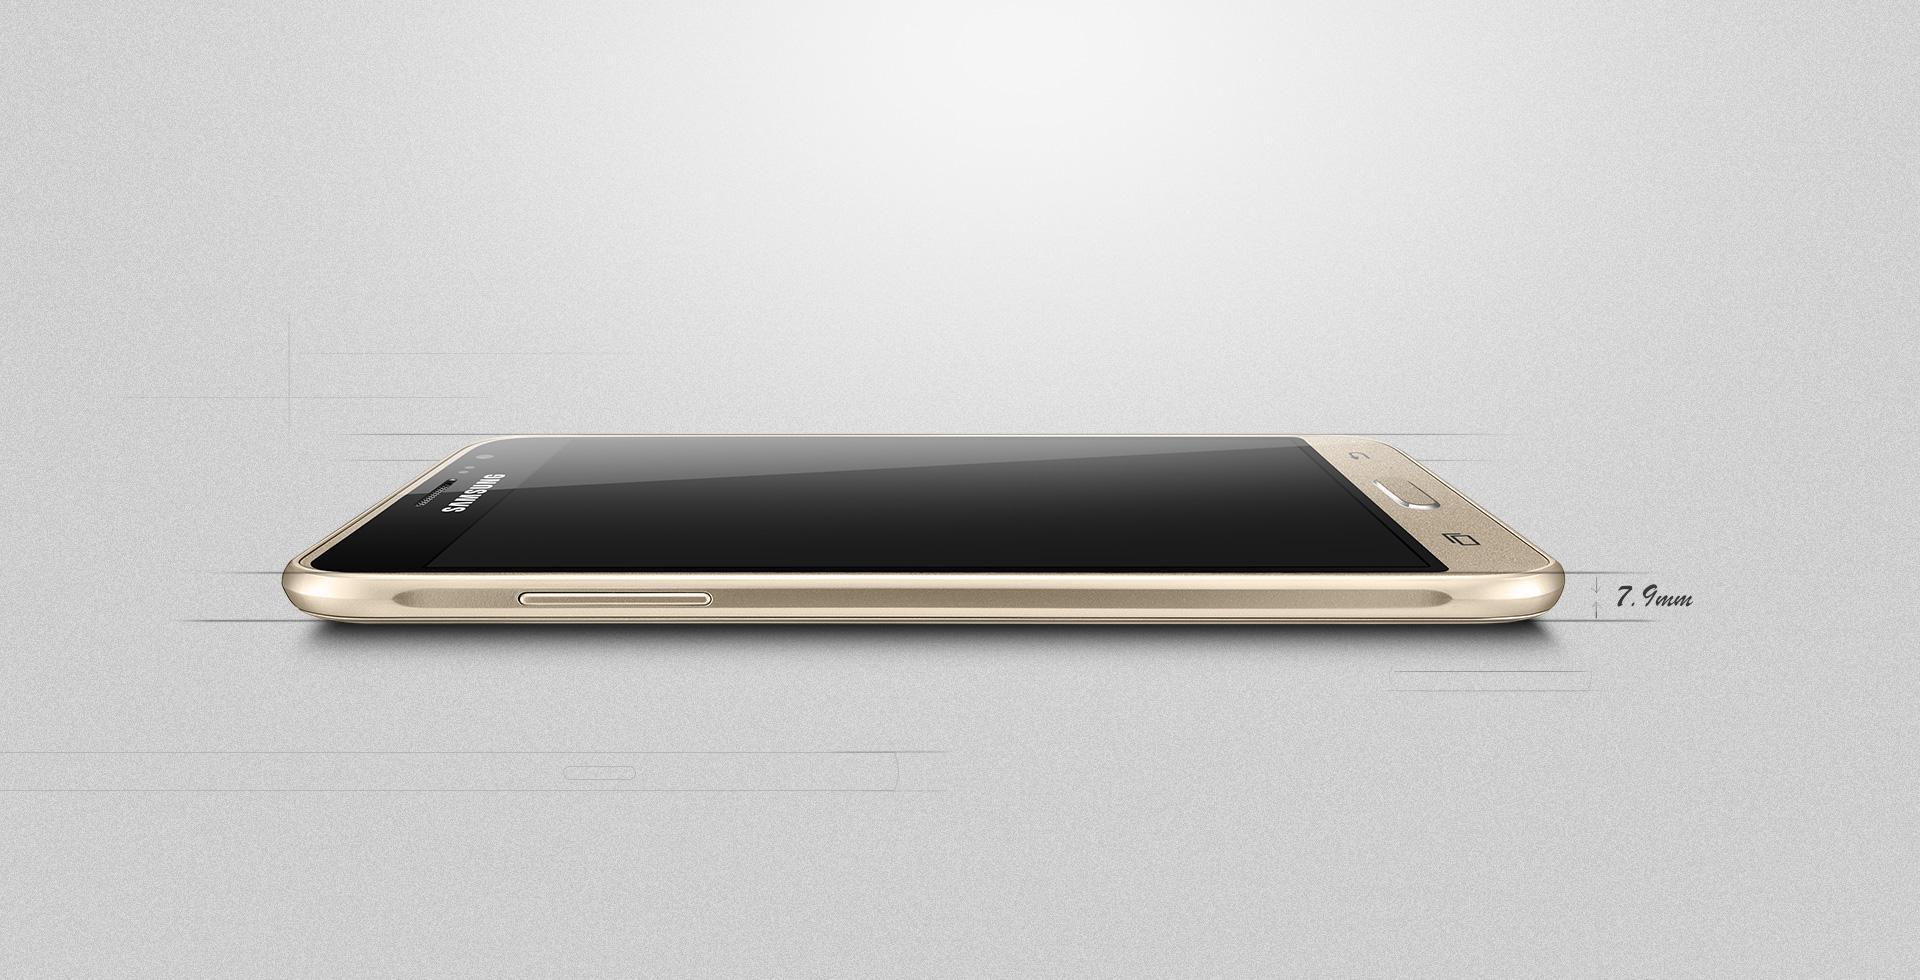 Samsung больше не будет обновлять эти смартфоны